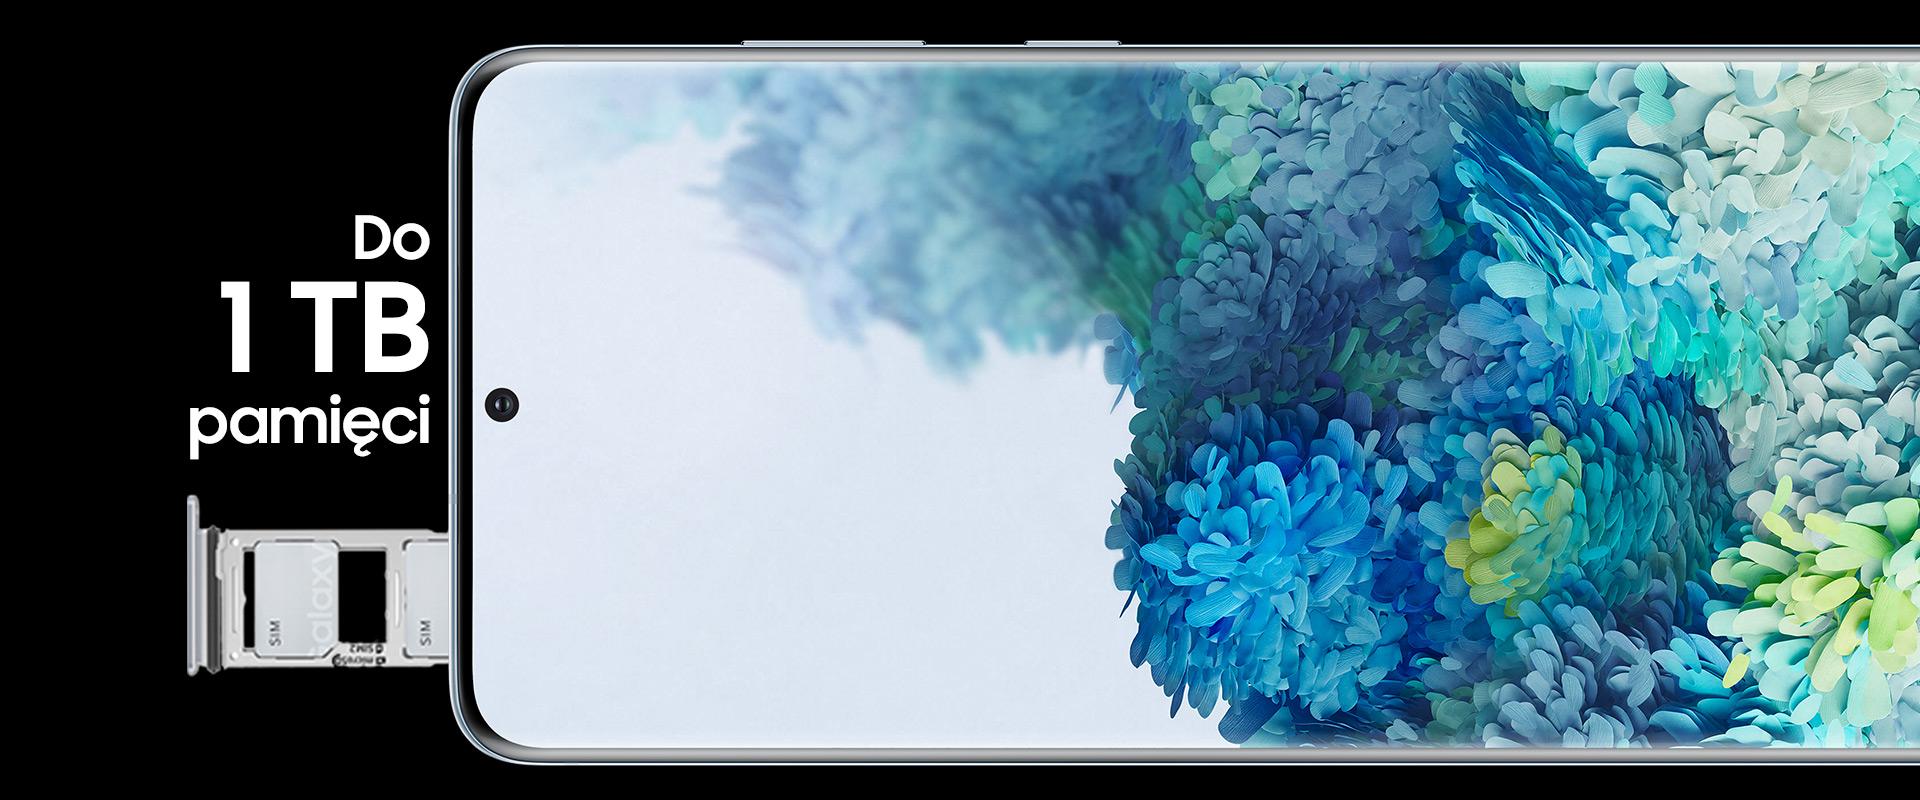 Samsung Galaxy S20+ Pamiec 1920px